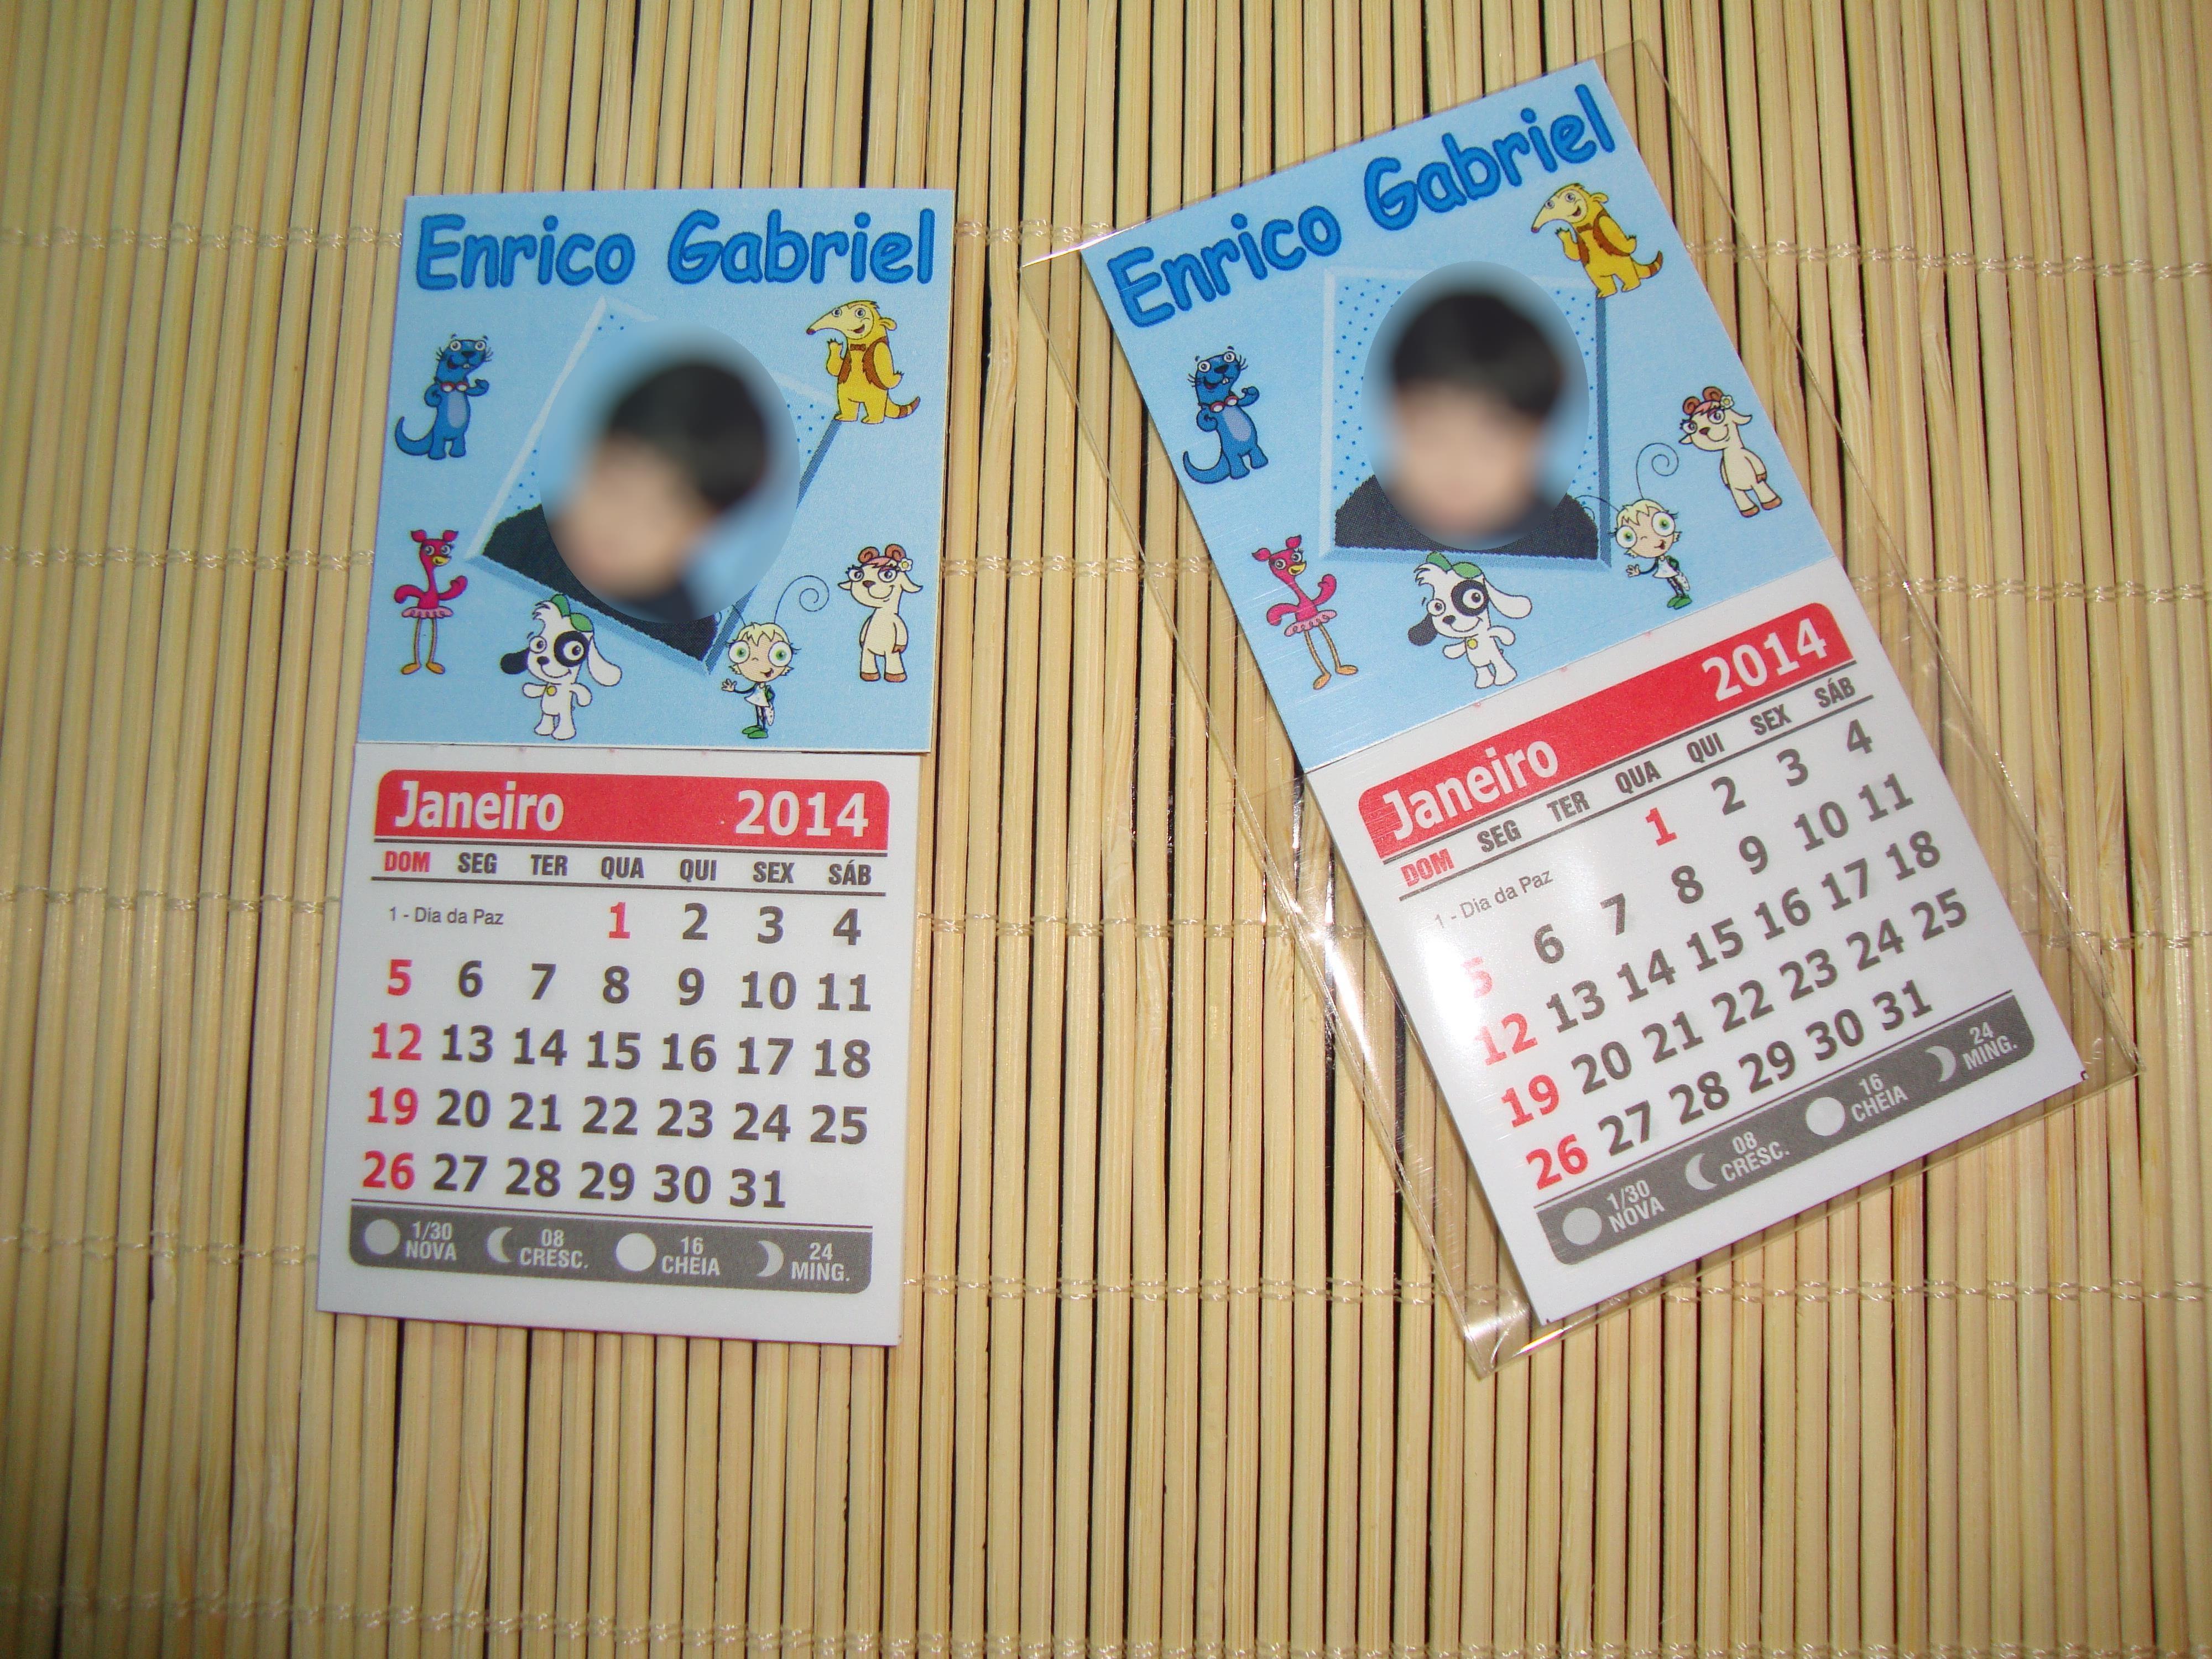 mod 288 calendario personalizado ima lembrancinha